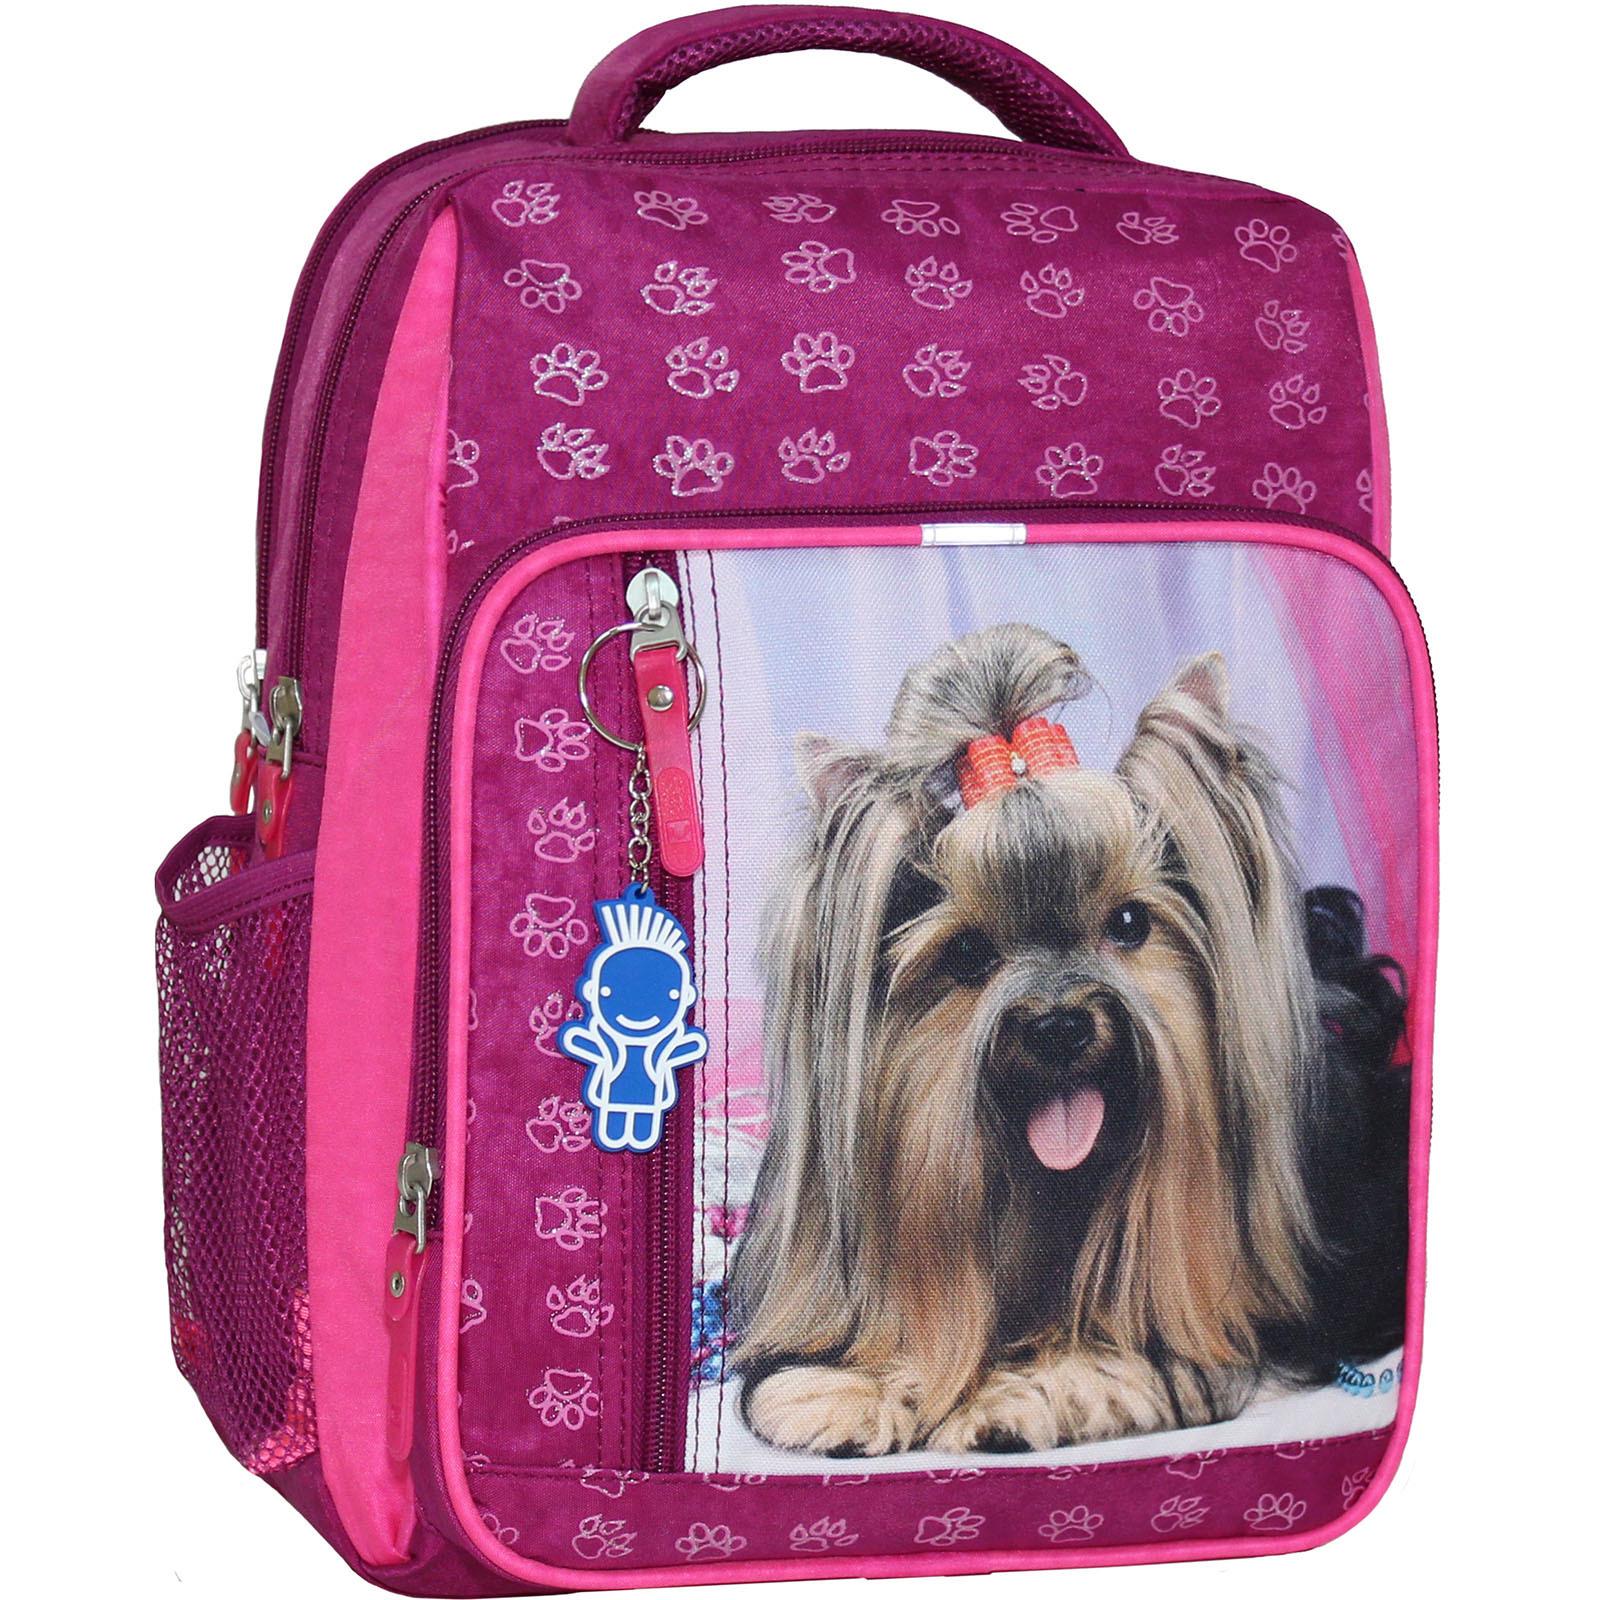 Школьные рюкзаки Рюкзак школьный Bagland Школьник 8 л. 143 малиновый 18д (0012870) IMG_4481.JPG